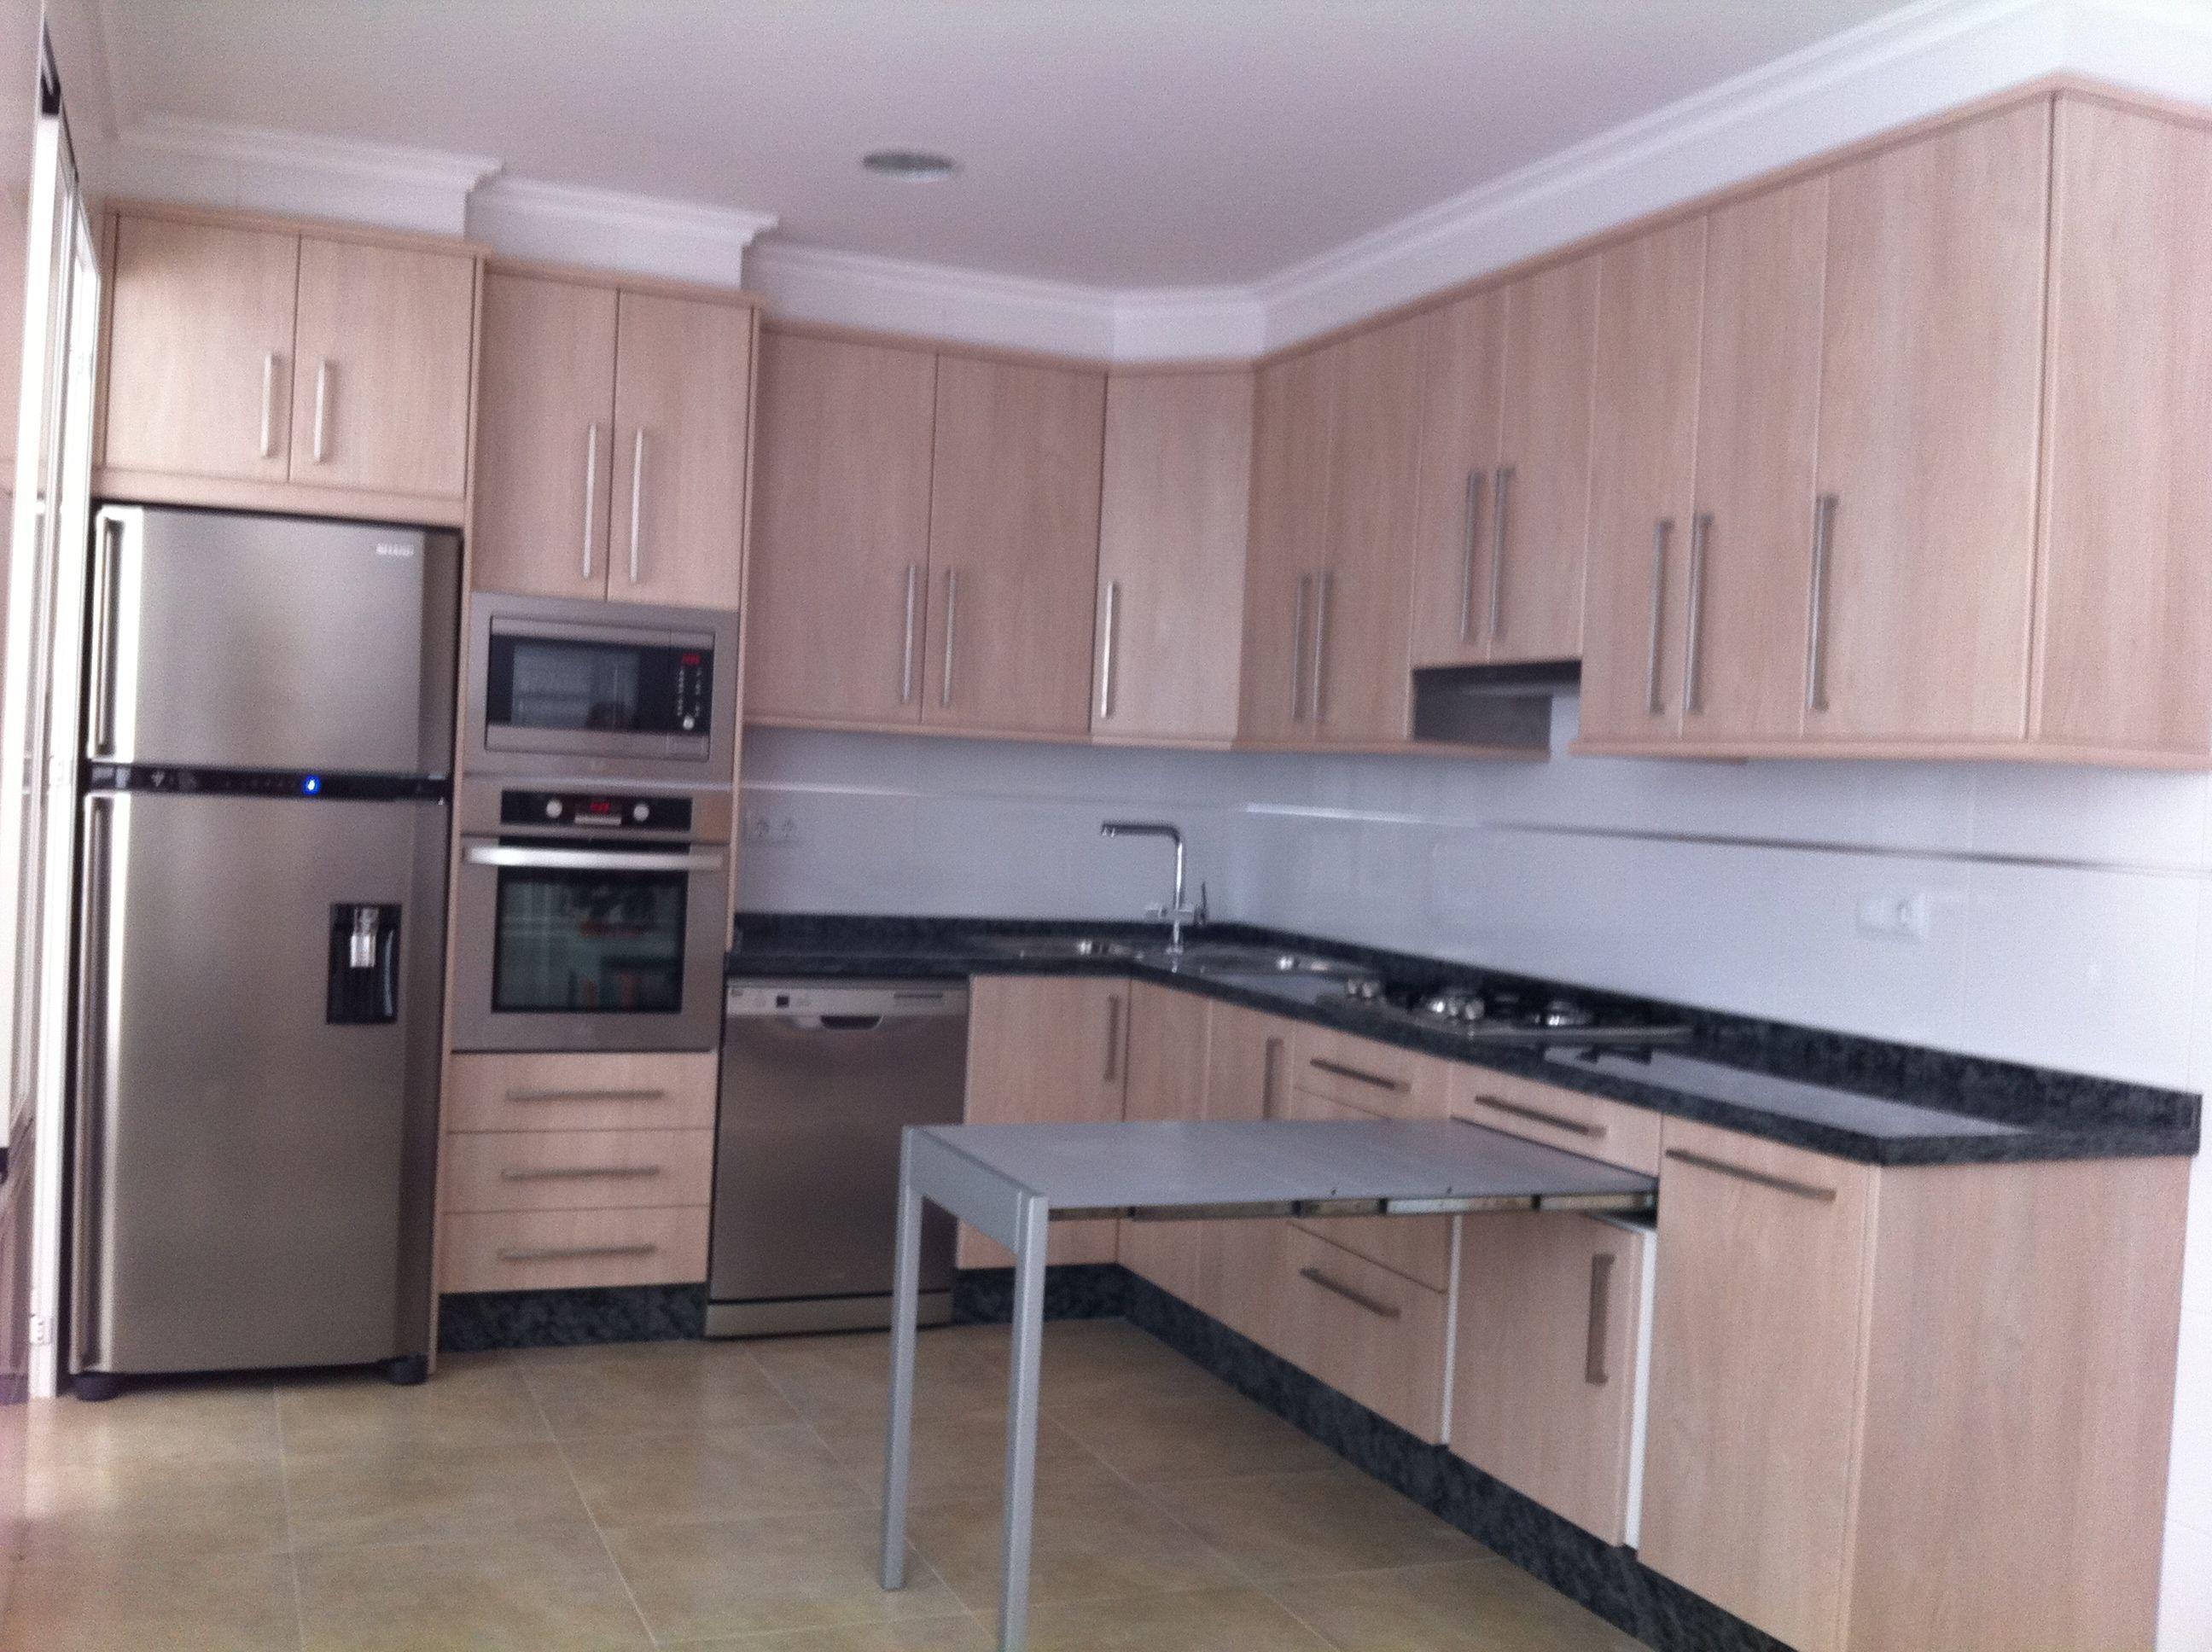 Muebles de cocina: Muebles de cocina de Cerrajería Y Puertas Nicolás ...